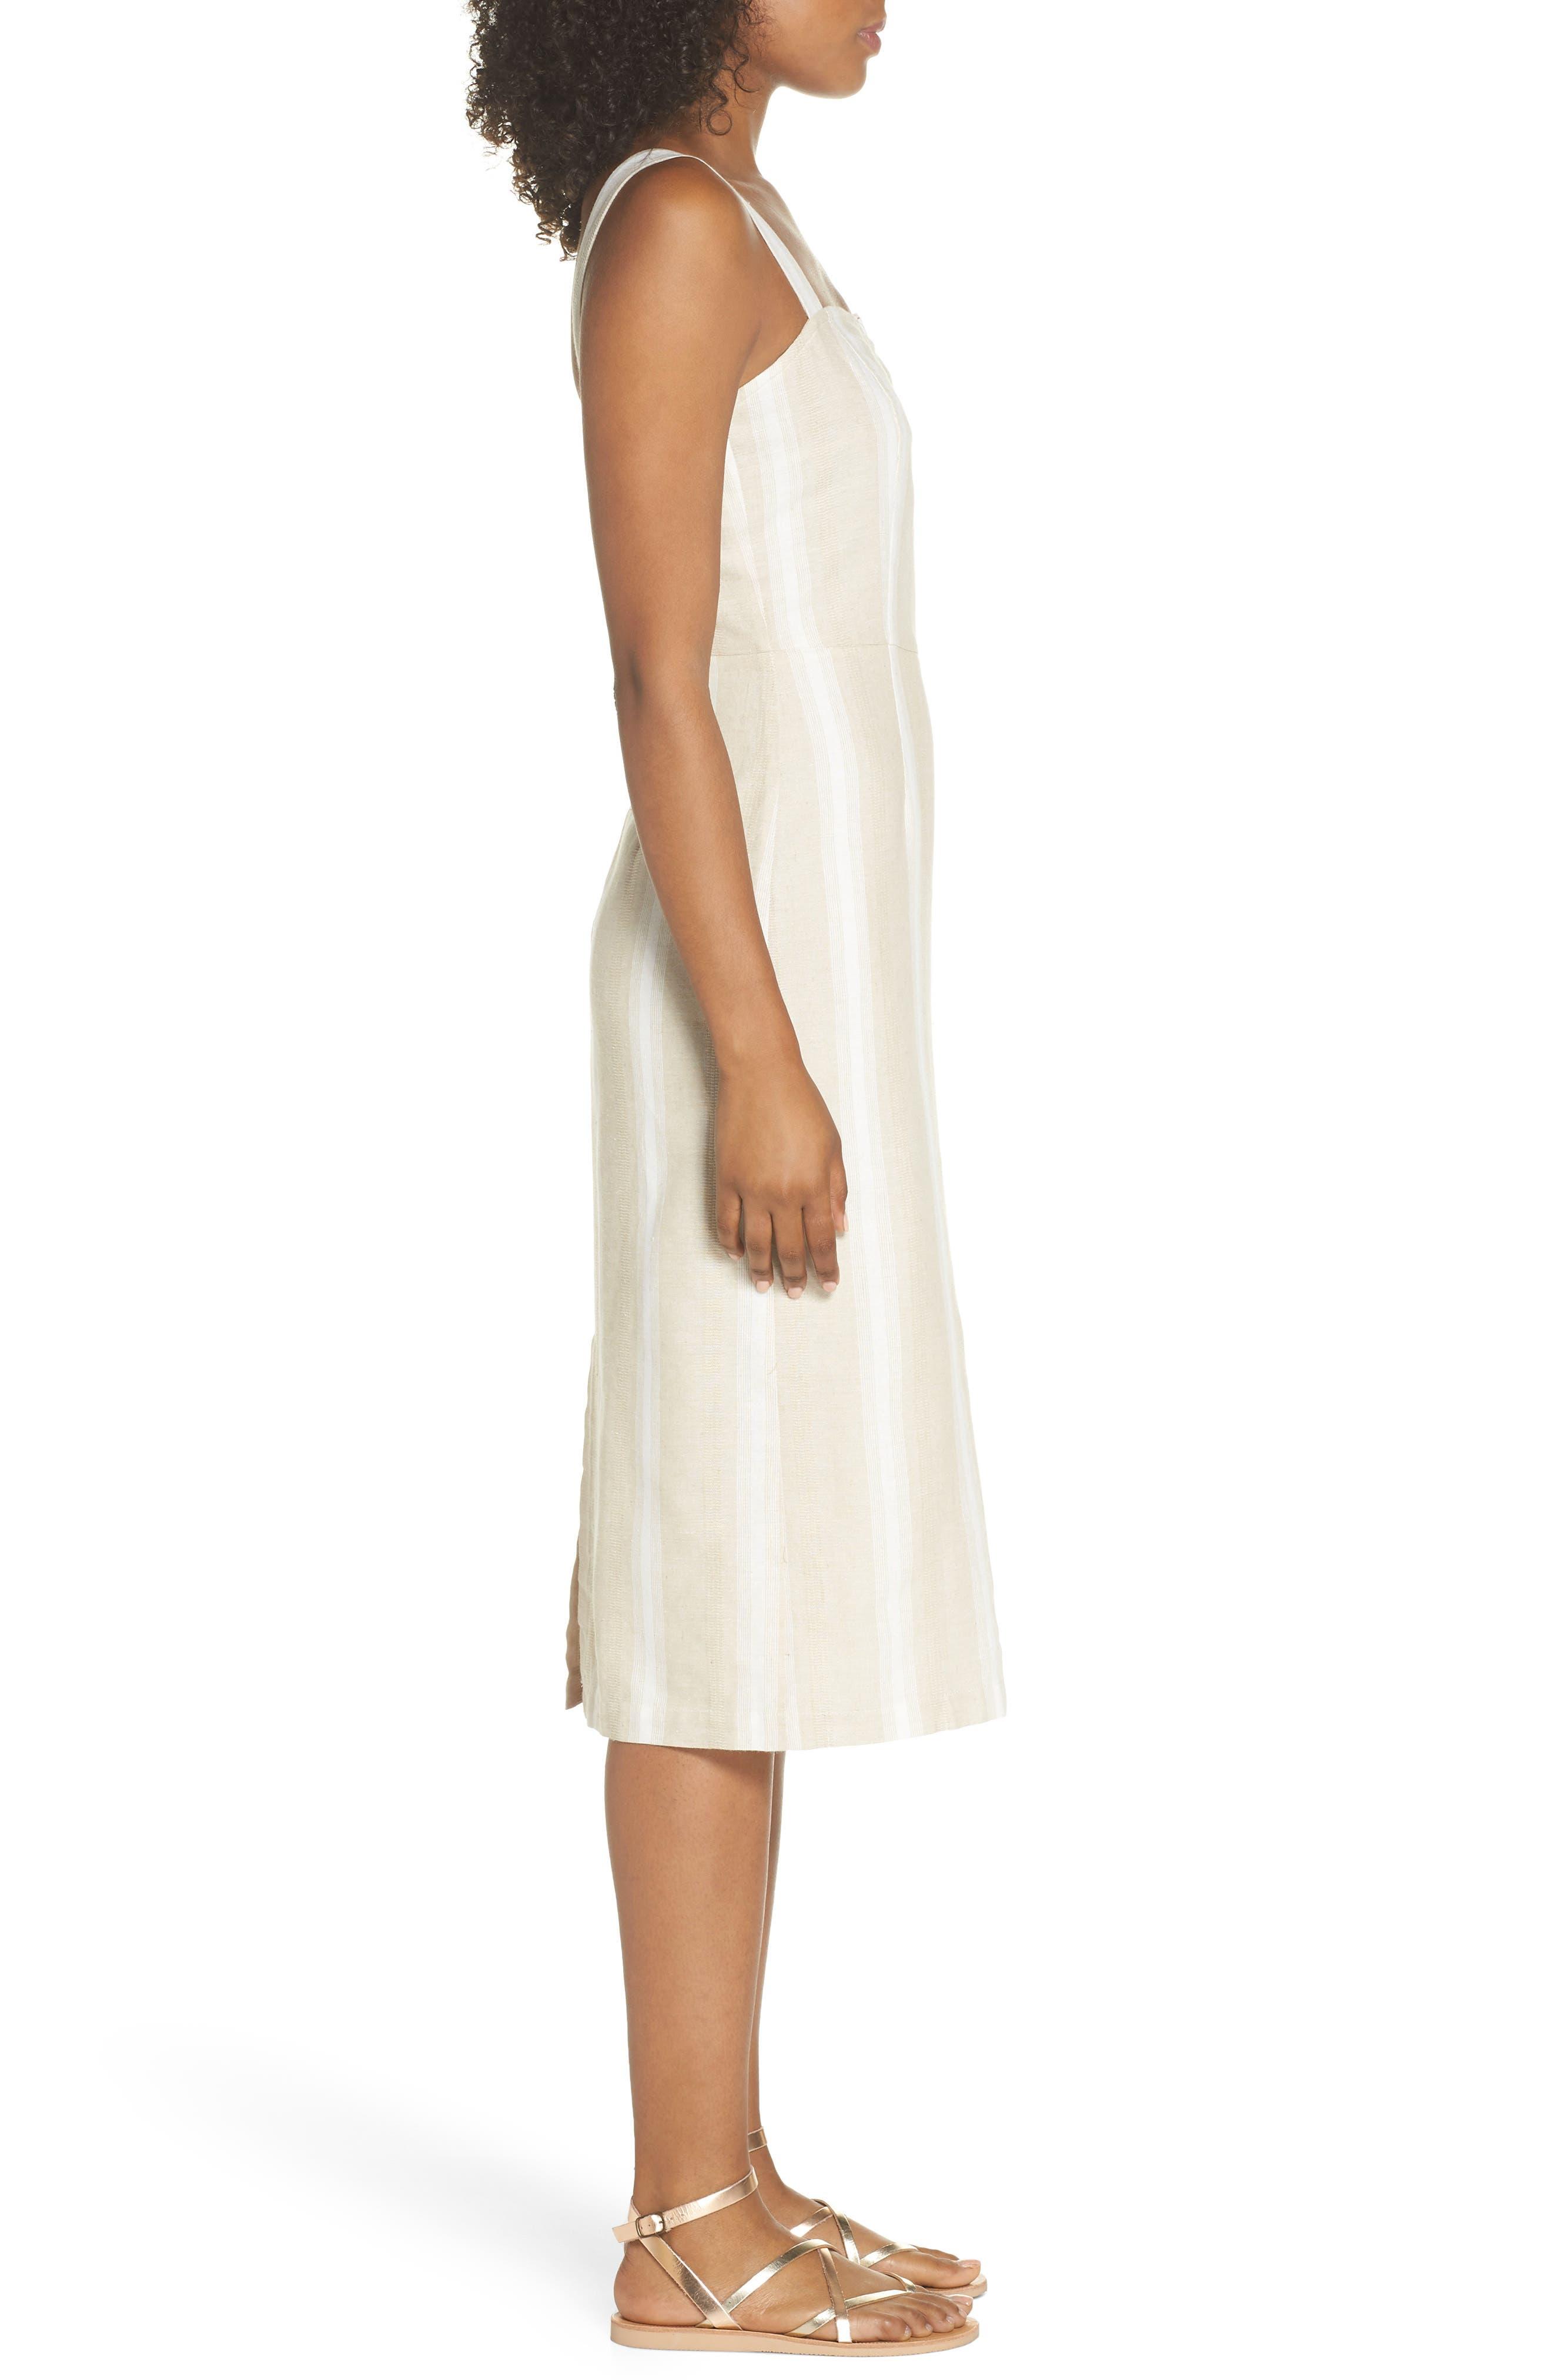 Peekabo Stripe Midi Dress,                             Alternate thumbnail 3, color,                             250